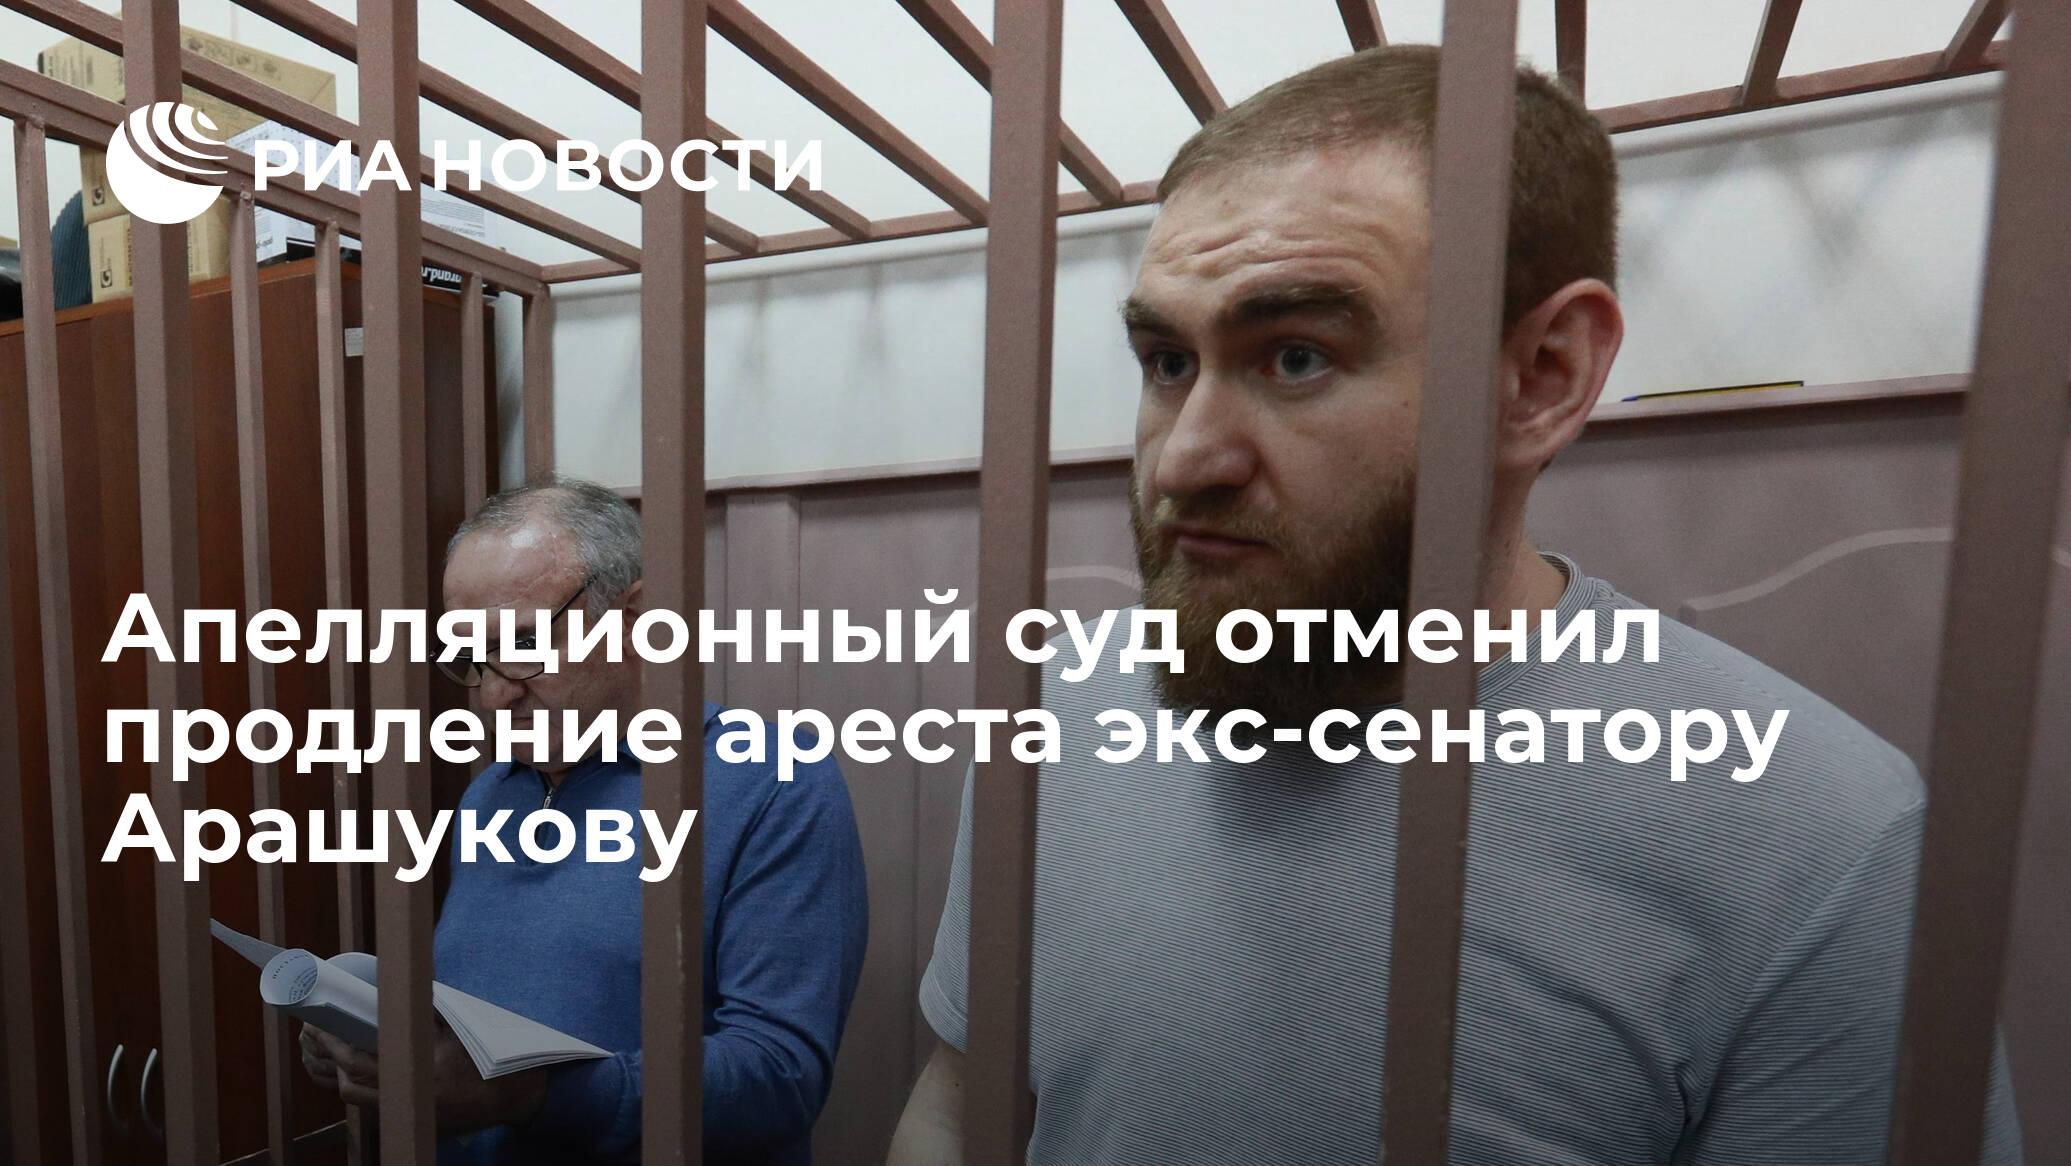 Апелляционный суд отменил продление ареста экс-сенатору Арашукову